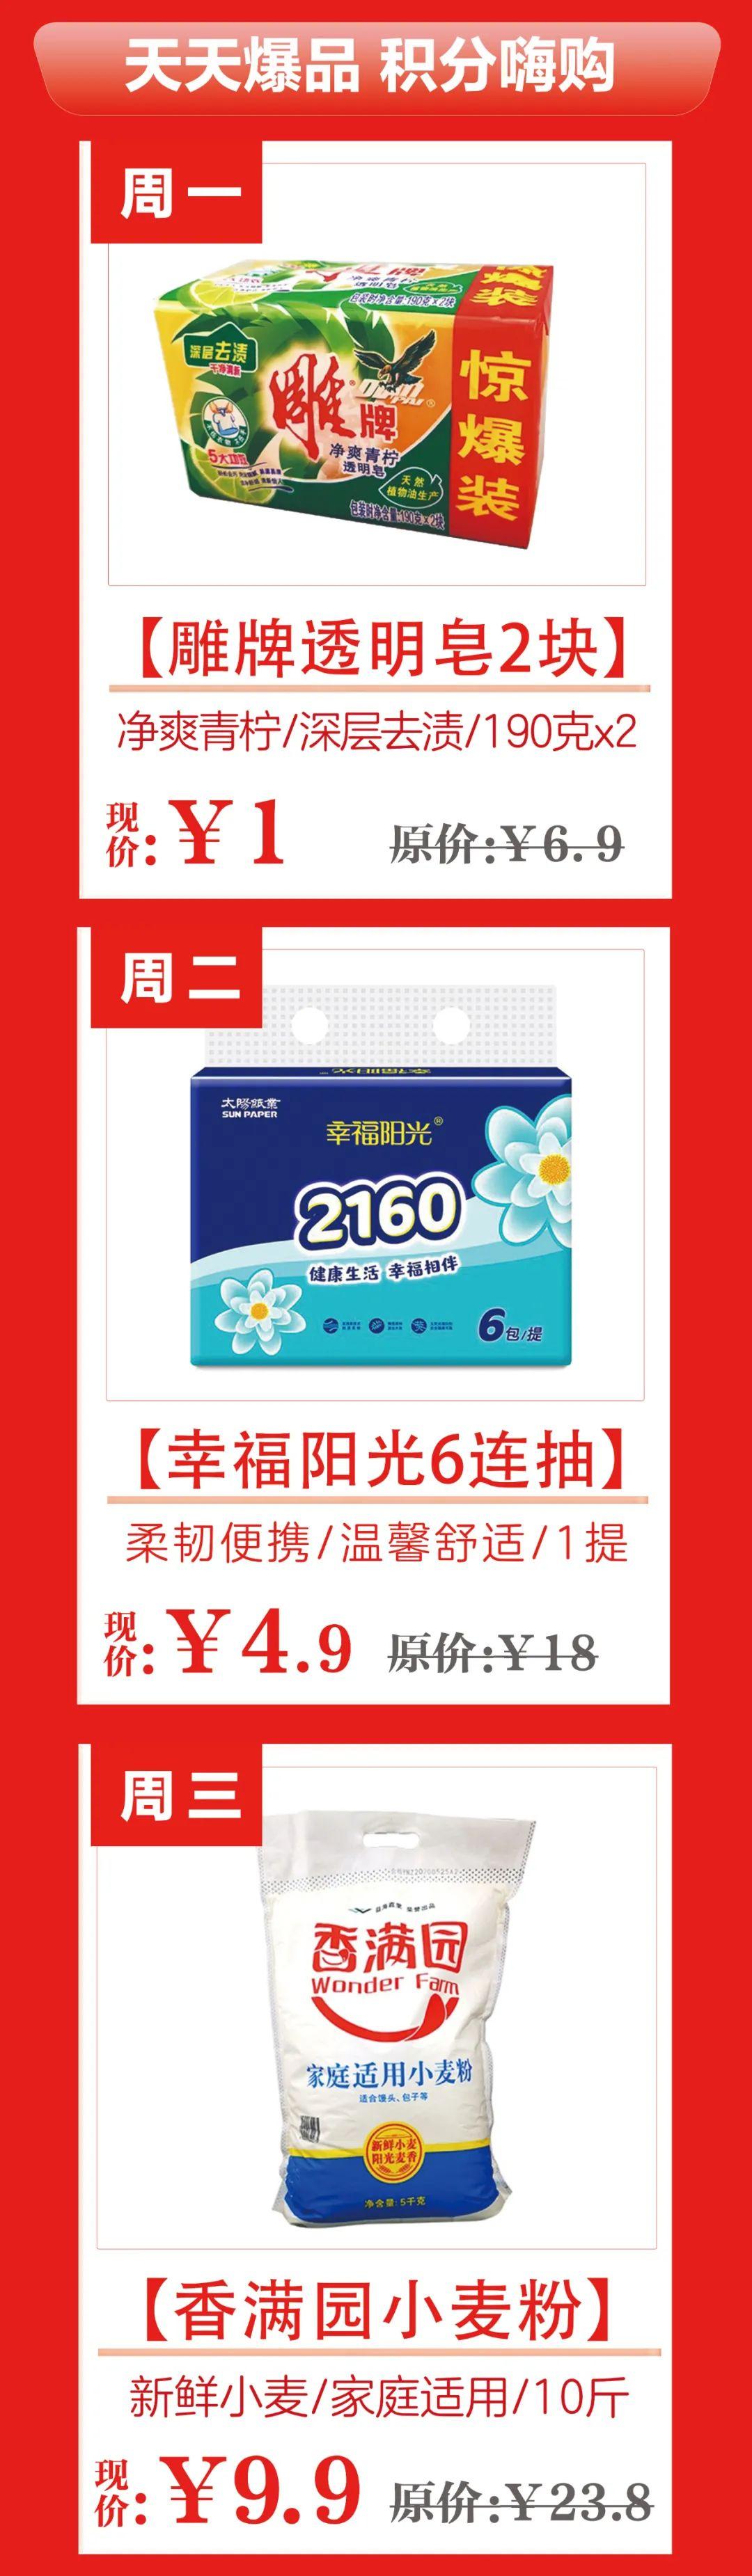 点击看大图 电银付安装教程(dianyinzhifu.com):好消息 | 济宁银行网点小店上线啦~ 第2张